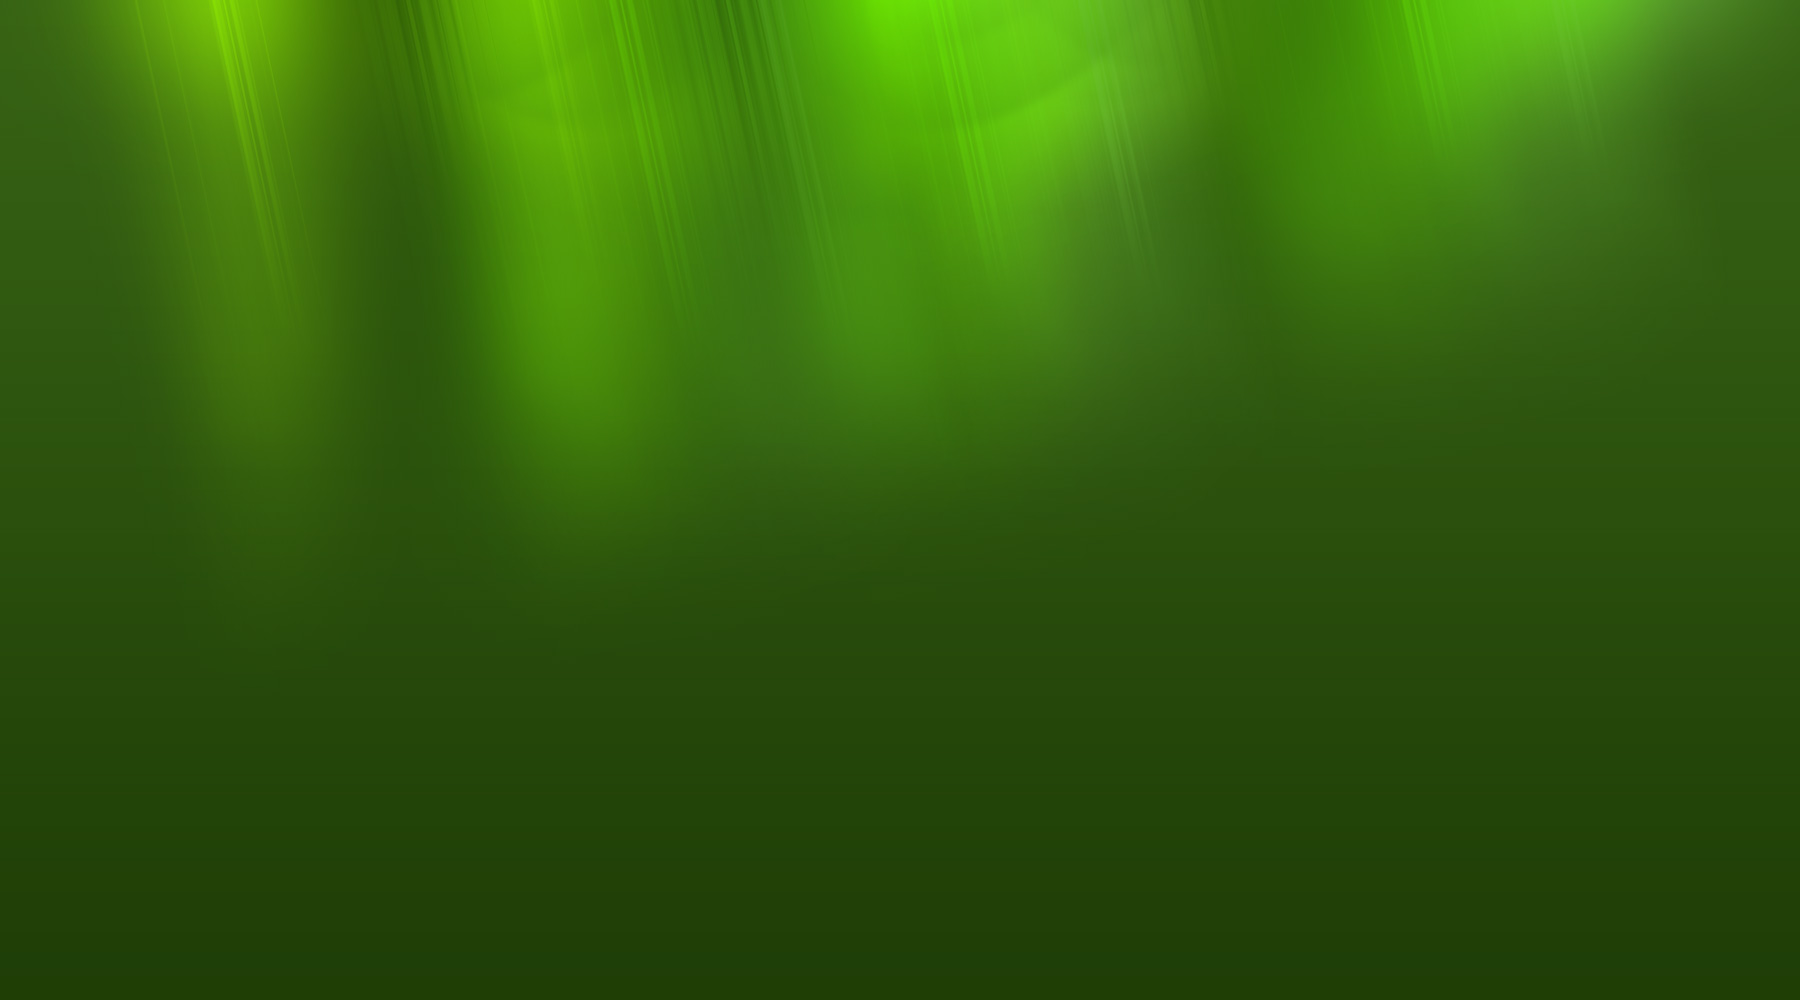 Index of /shop/skins/vector/images/backgrounds